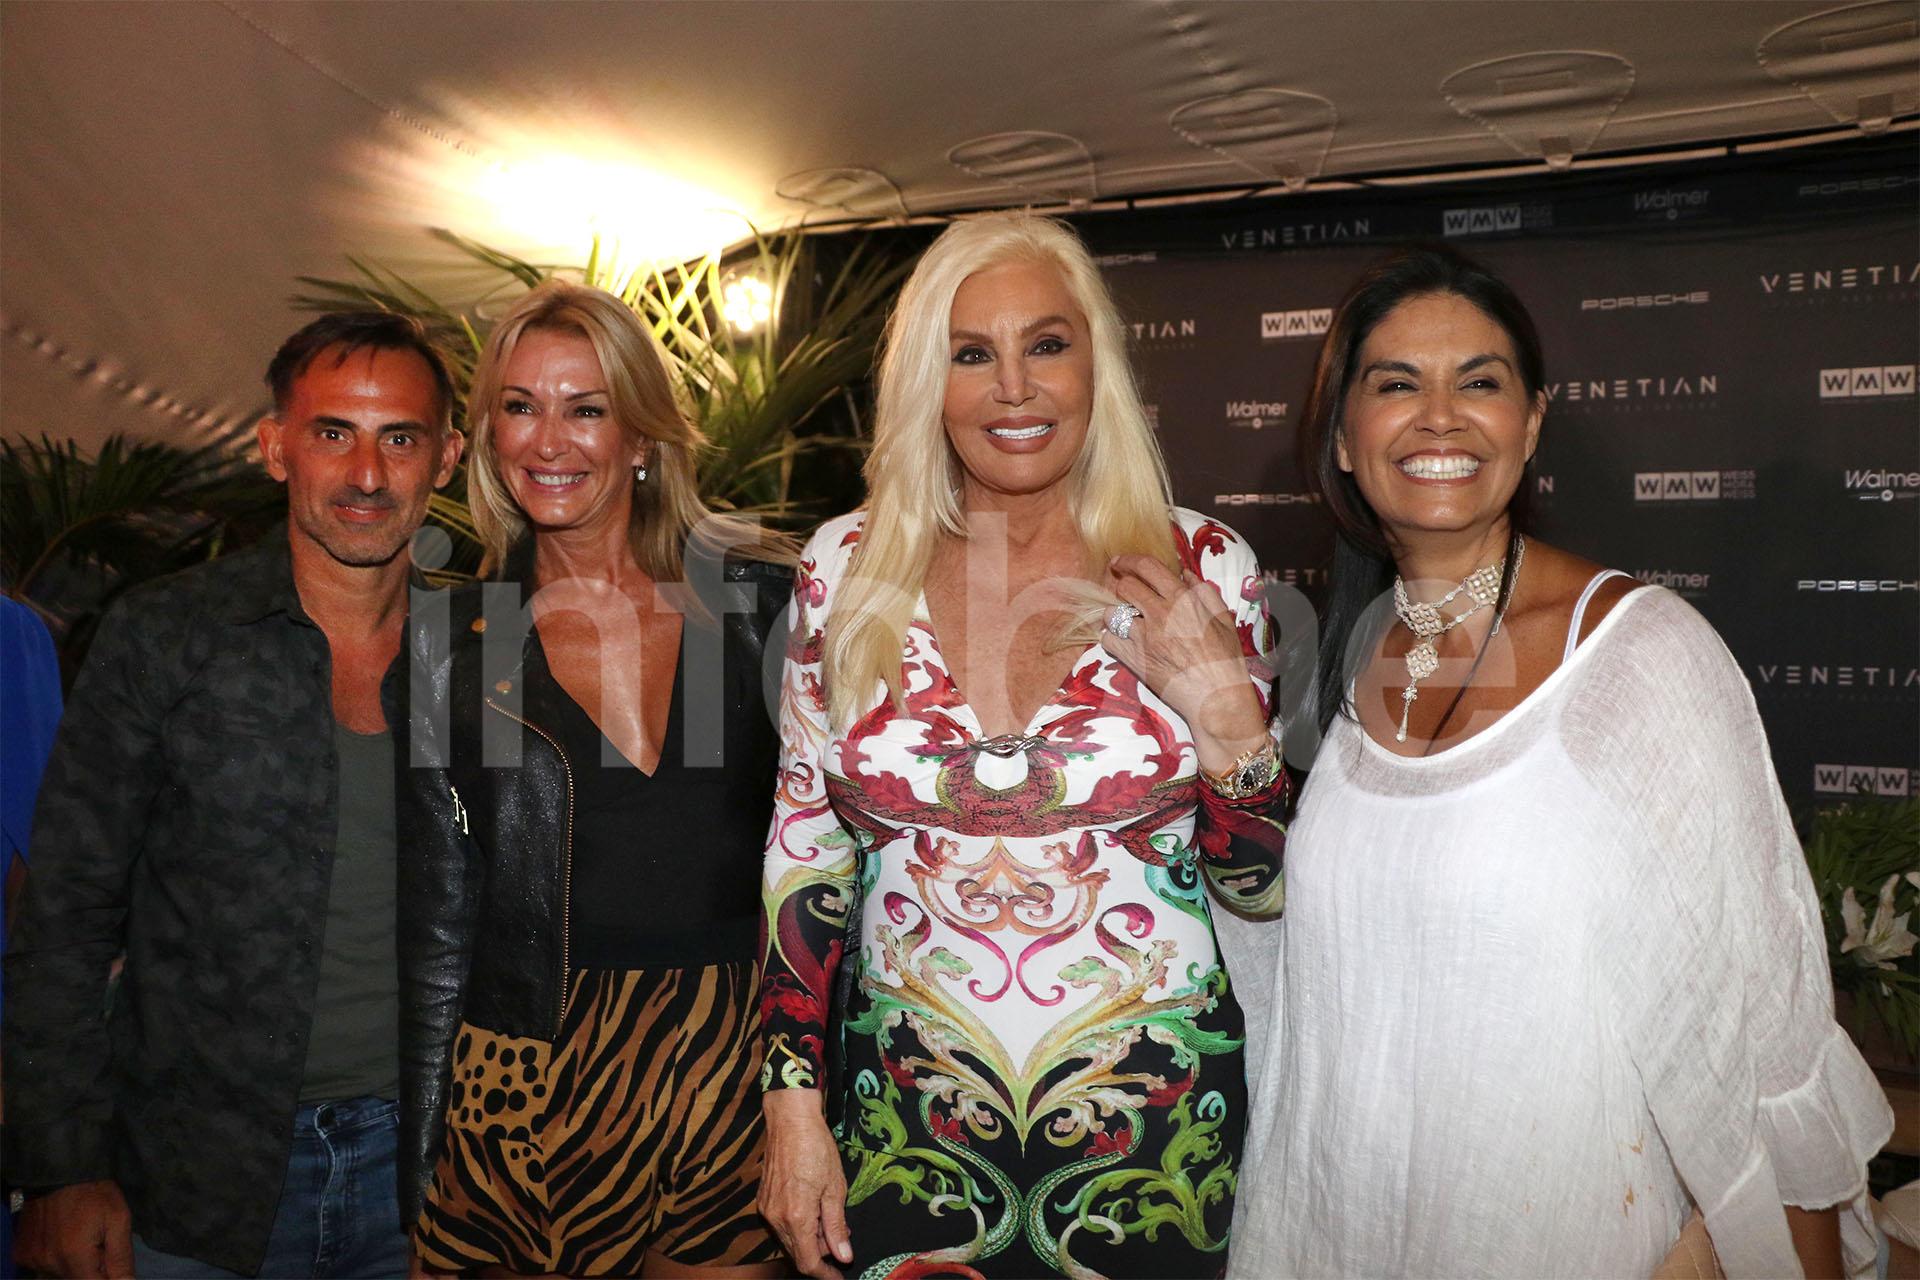 Susana, divertida durante la presentación y en compañía de Diego y Yanina Latorre